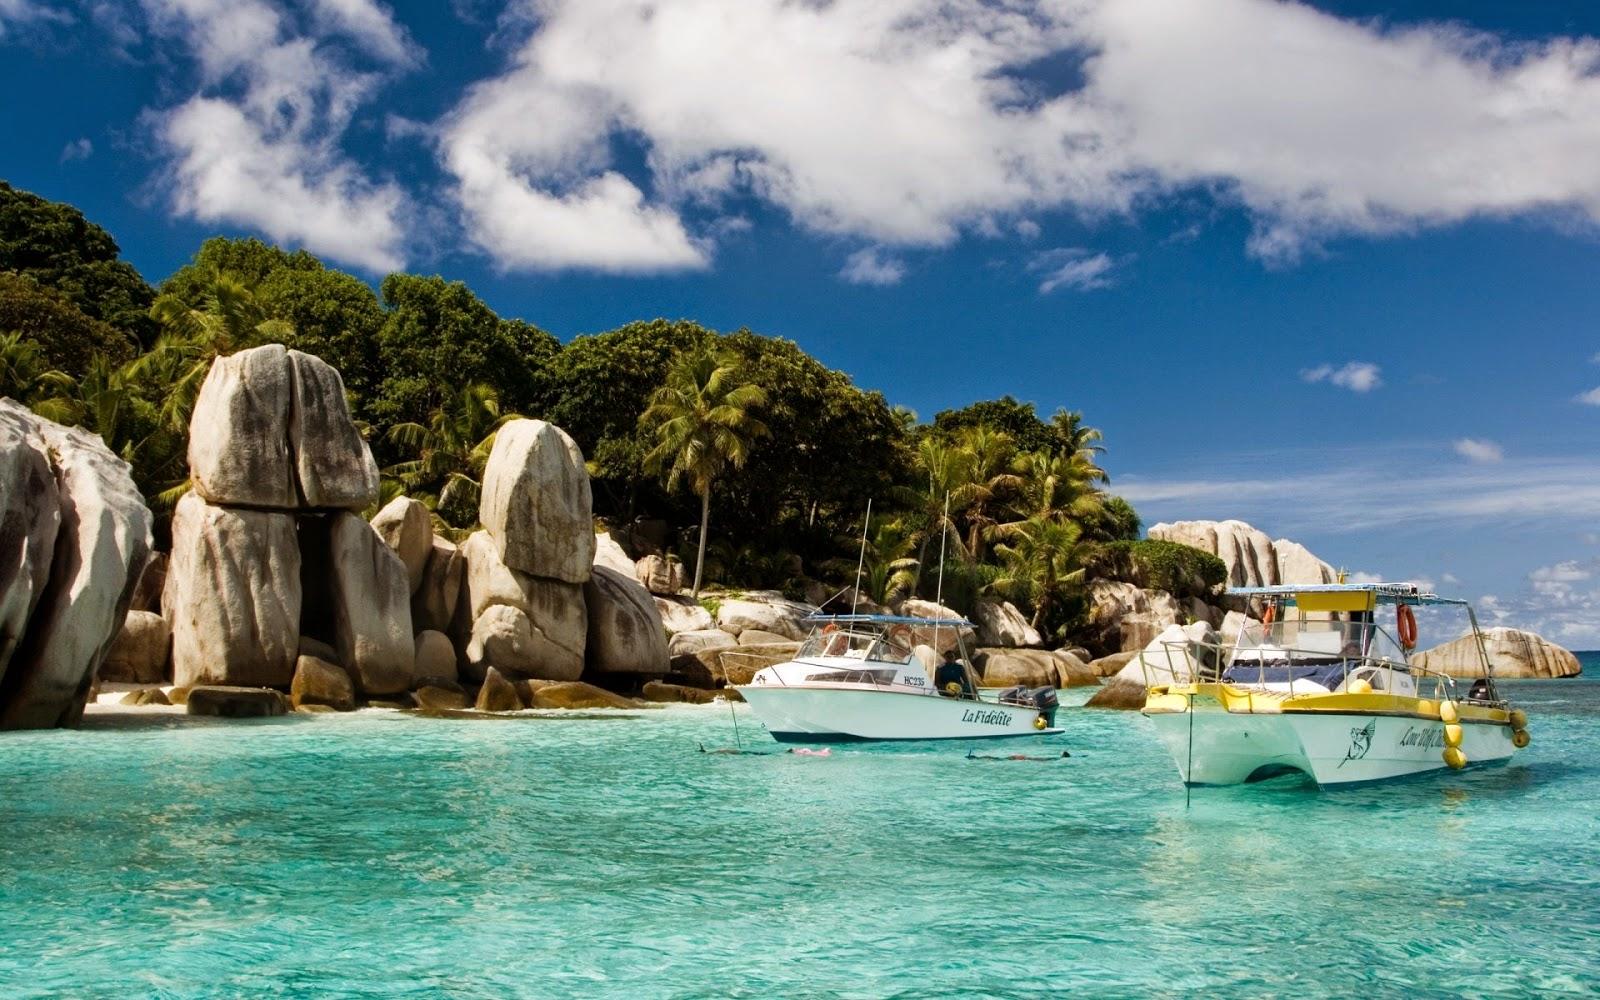 Wetter Tropical Island